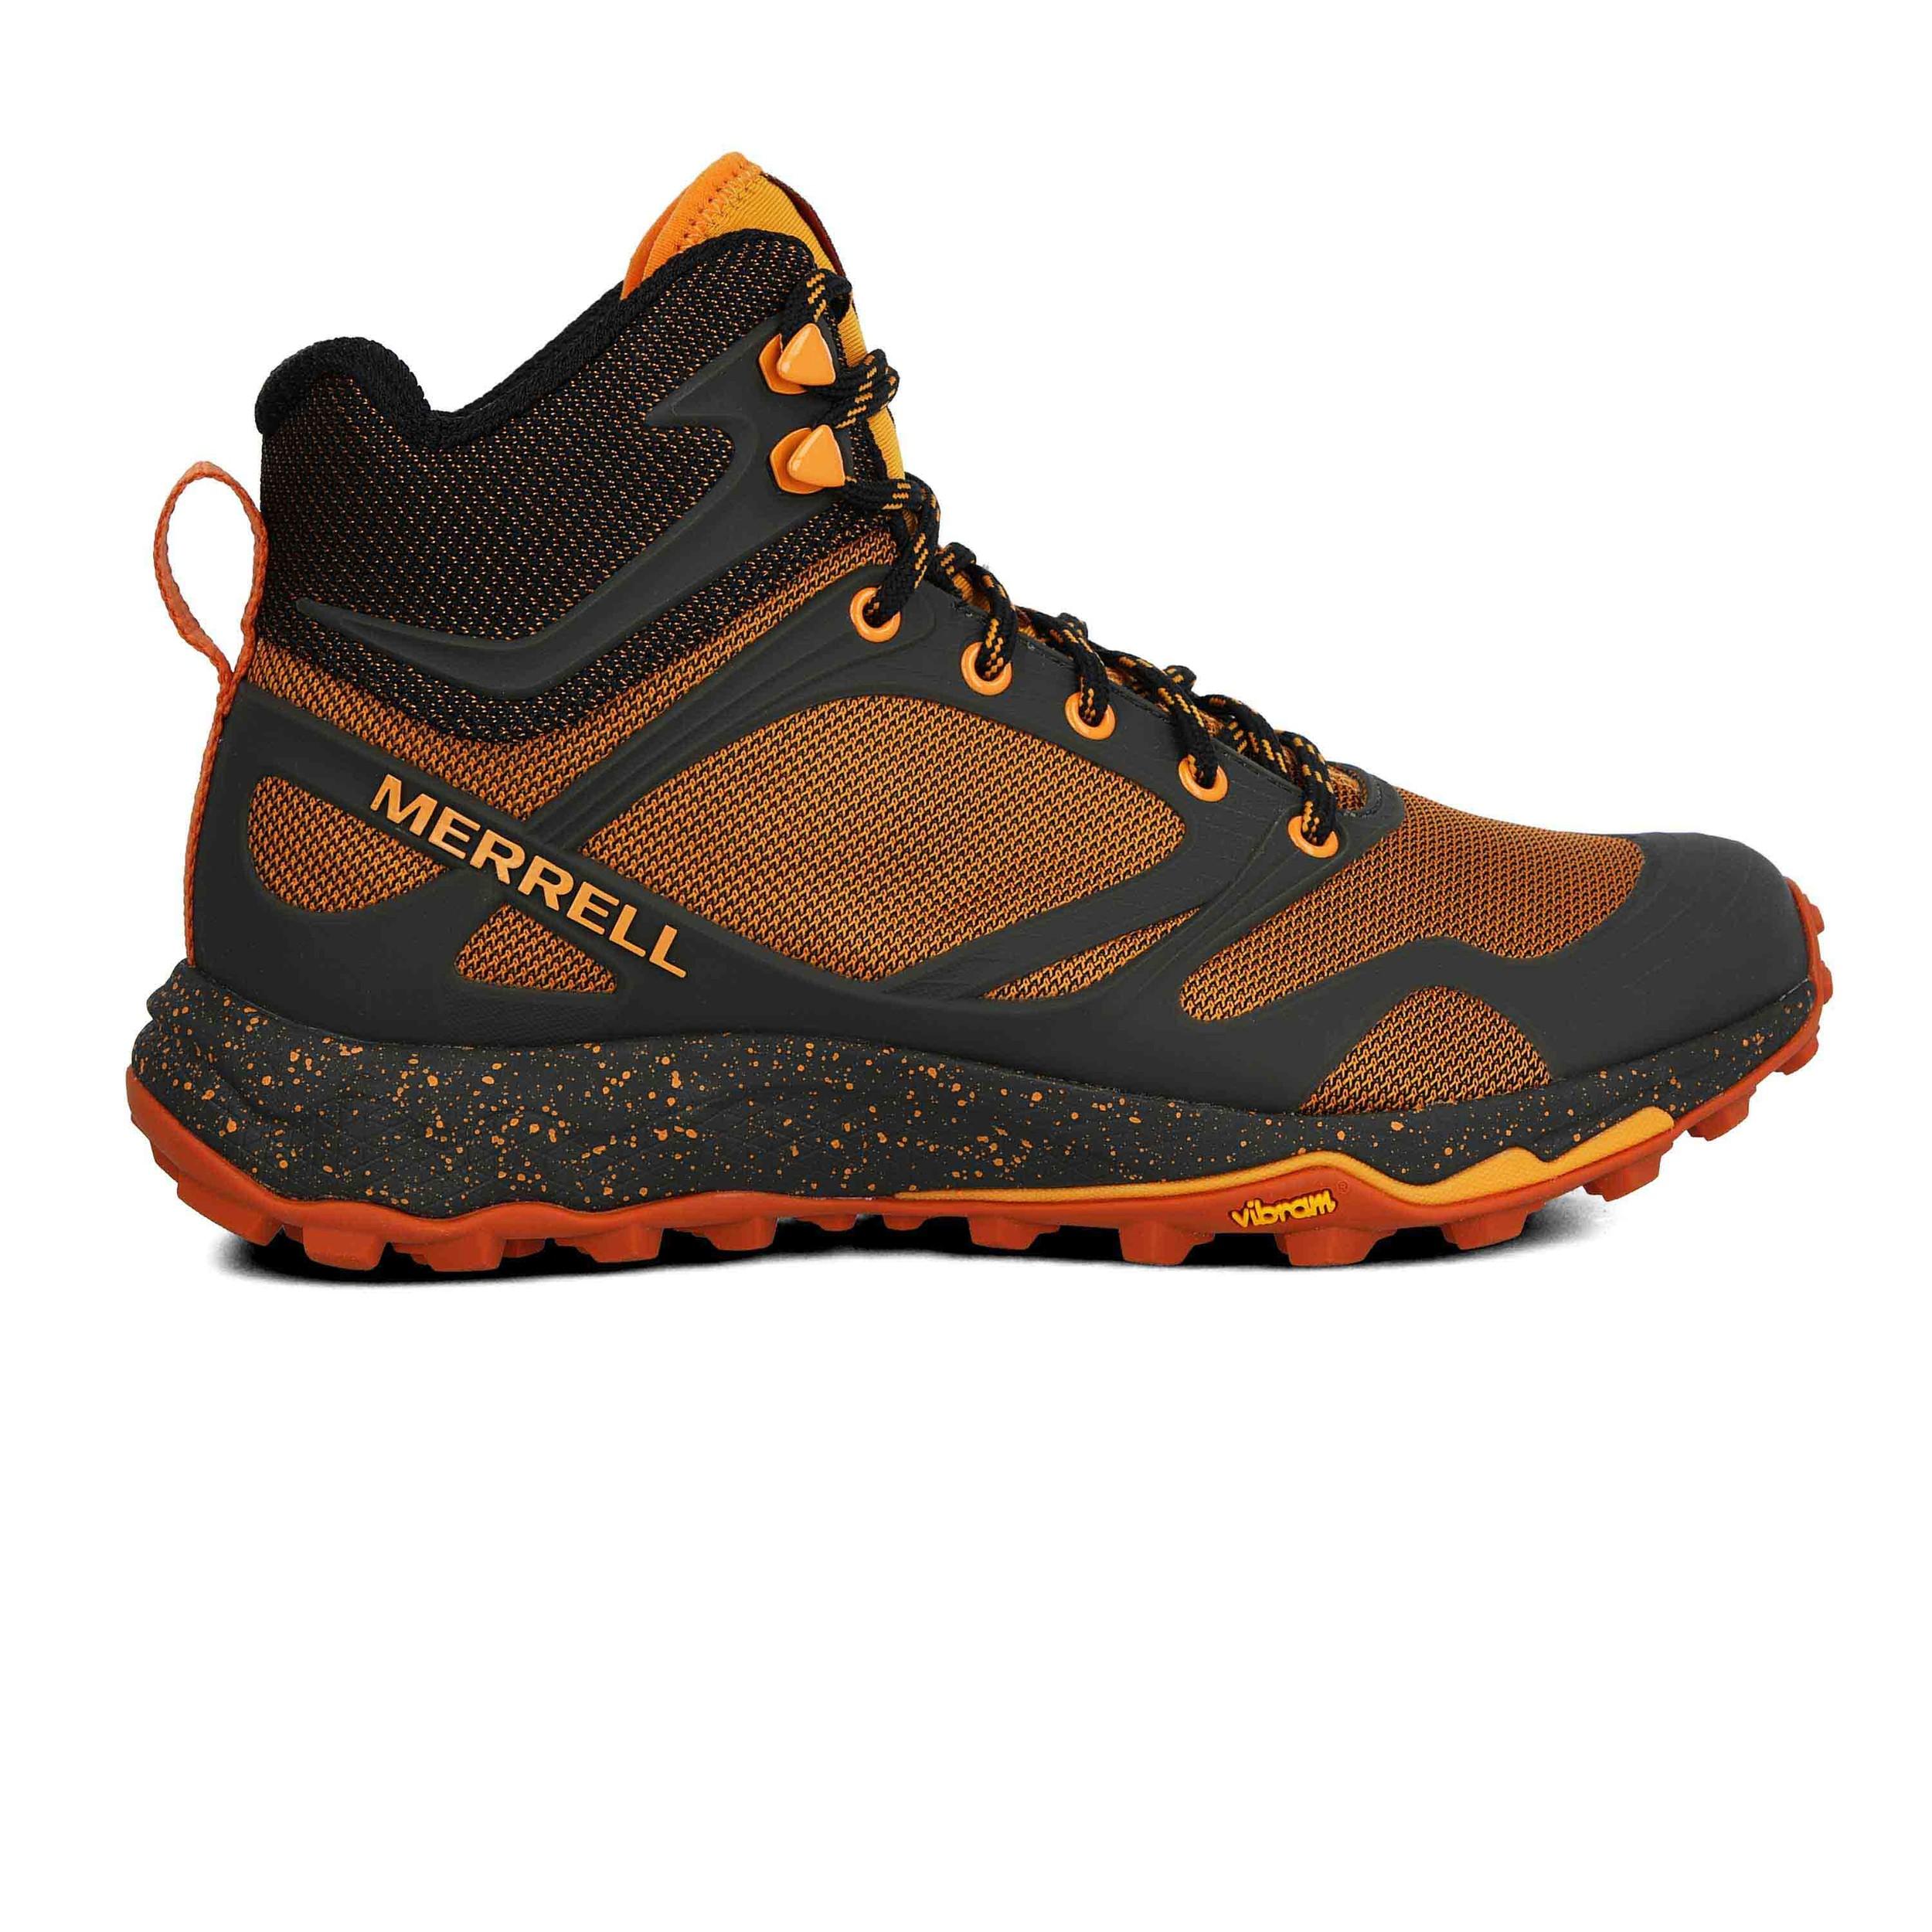 Detalles de Merrell Hombre Altalight Knit Mid Caminar Botas Naranja Deporte Exterior